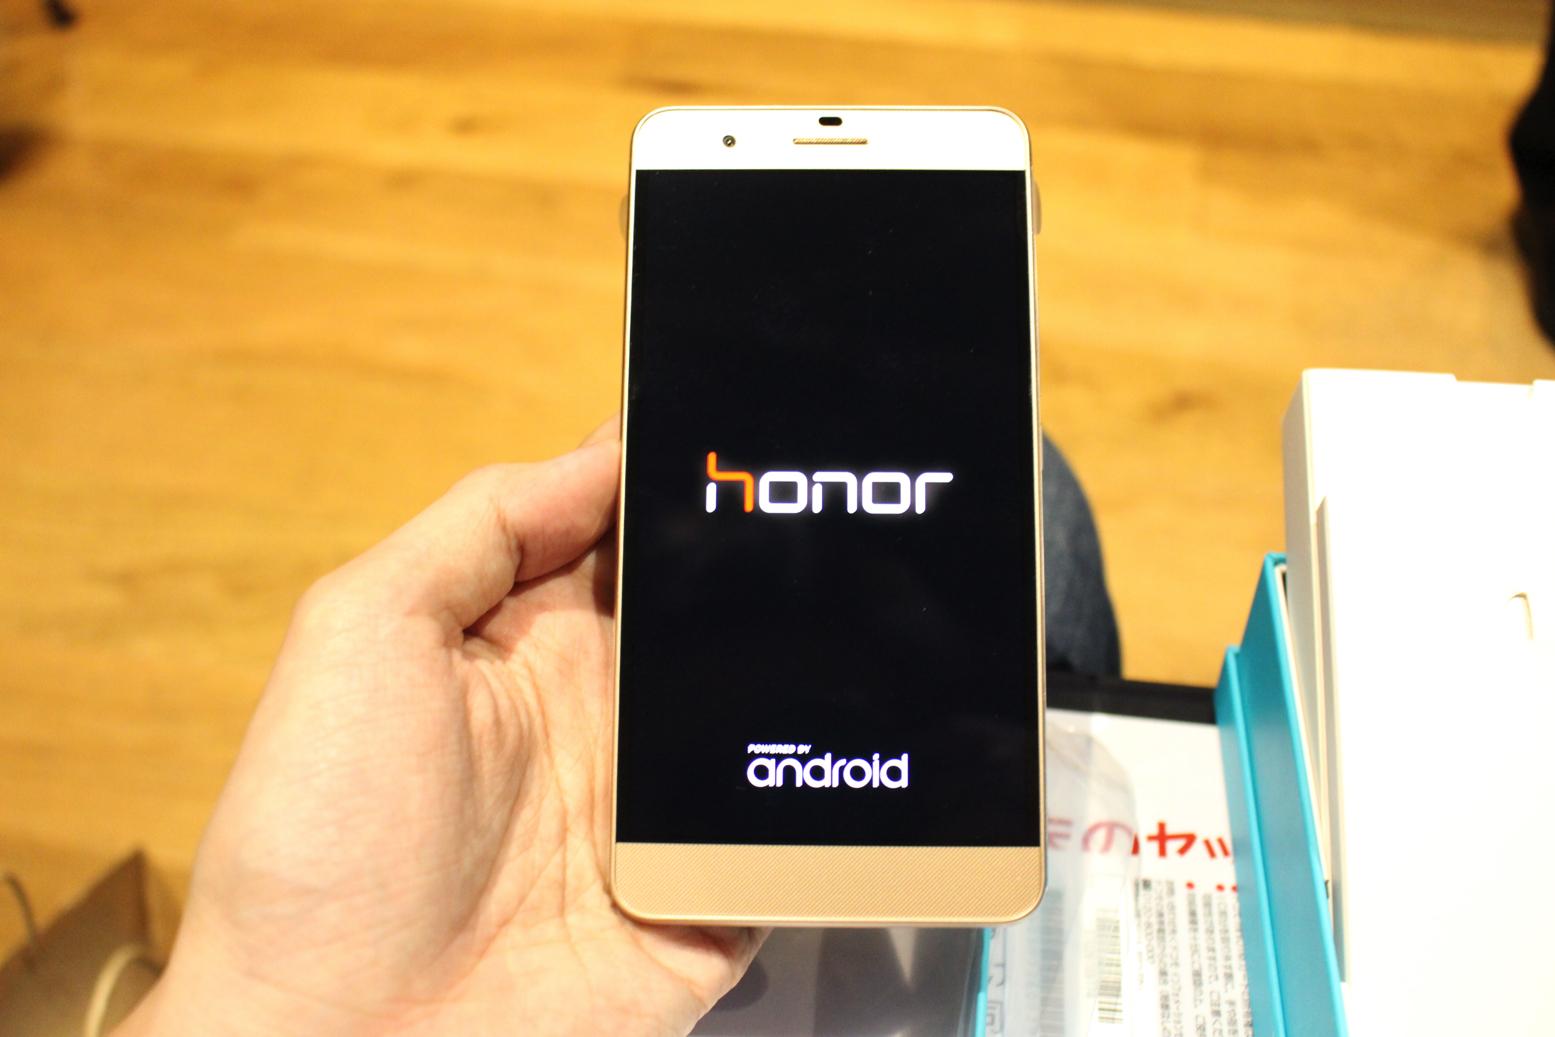 格安スマホアンバサダーイベントでhonor6 Plusをもらってきました。しかも楽天モバイル通話SIM3.1GBパックが1年間無料